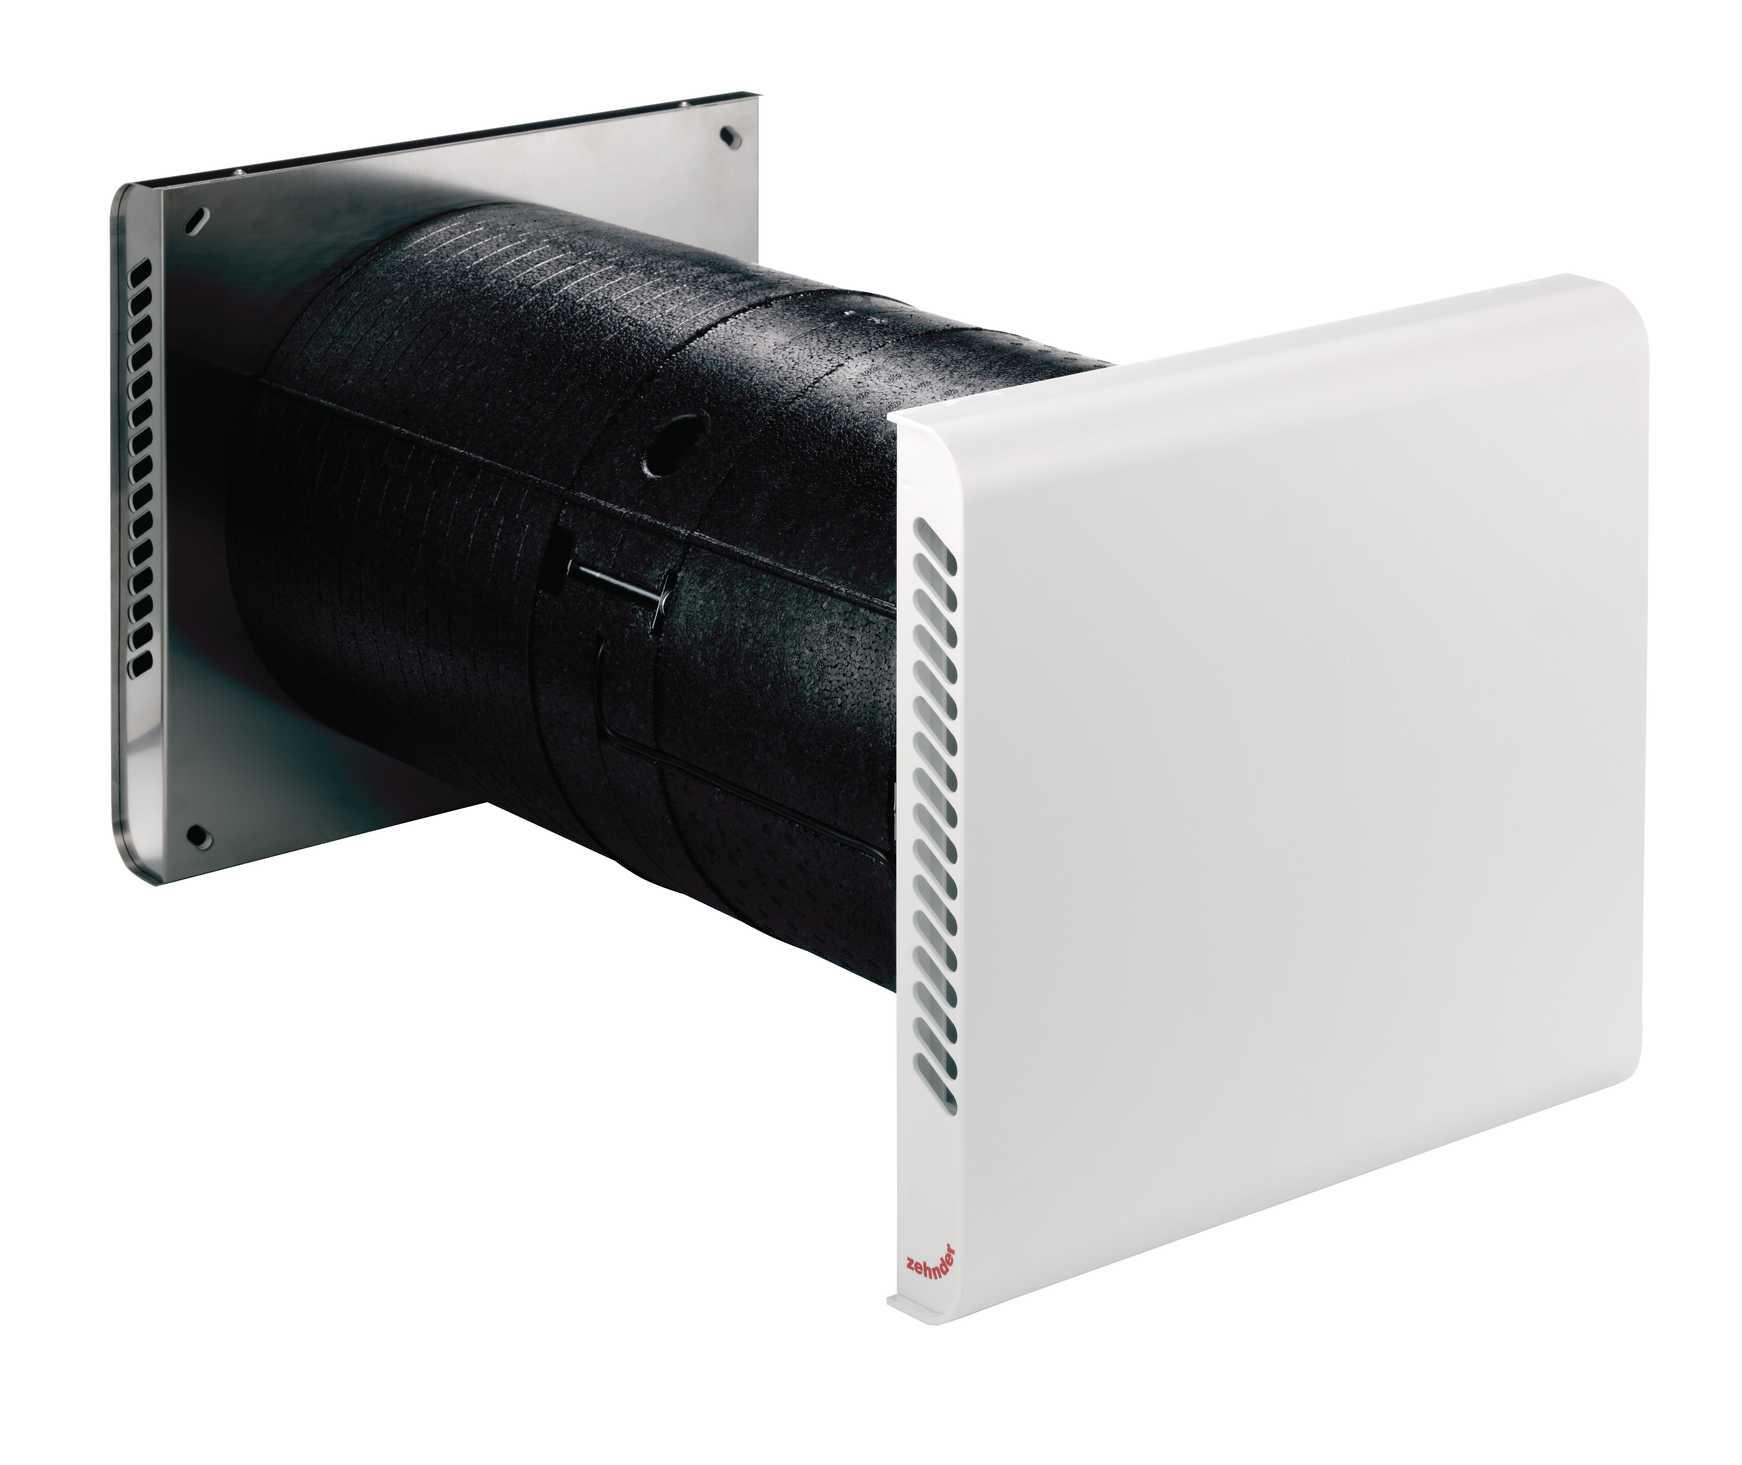 Zehnder ComfoSpot 50 rekuperators (bez montāžas čaulas)